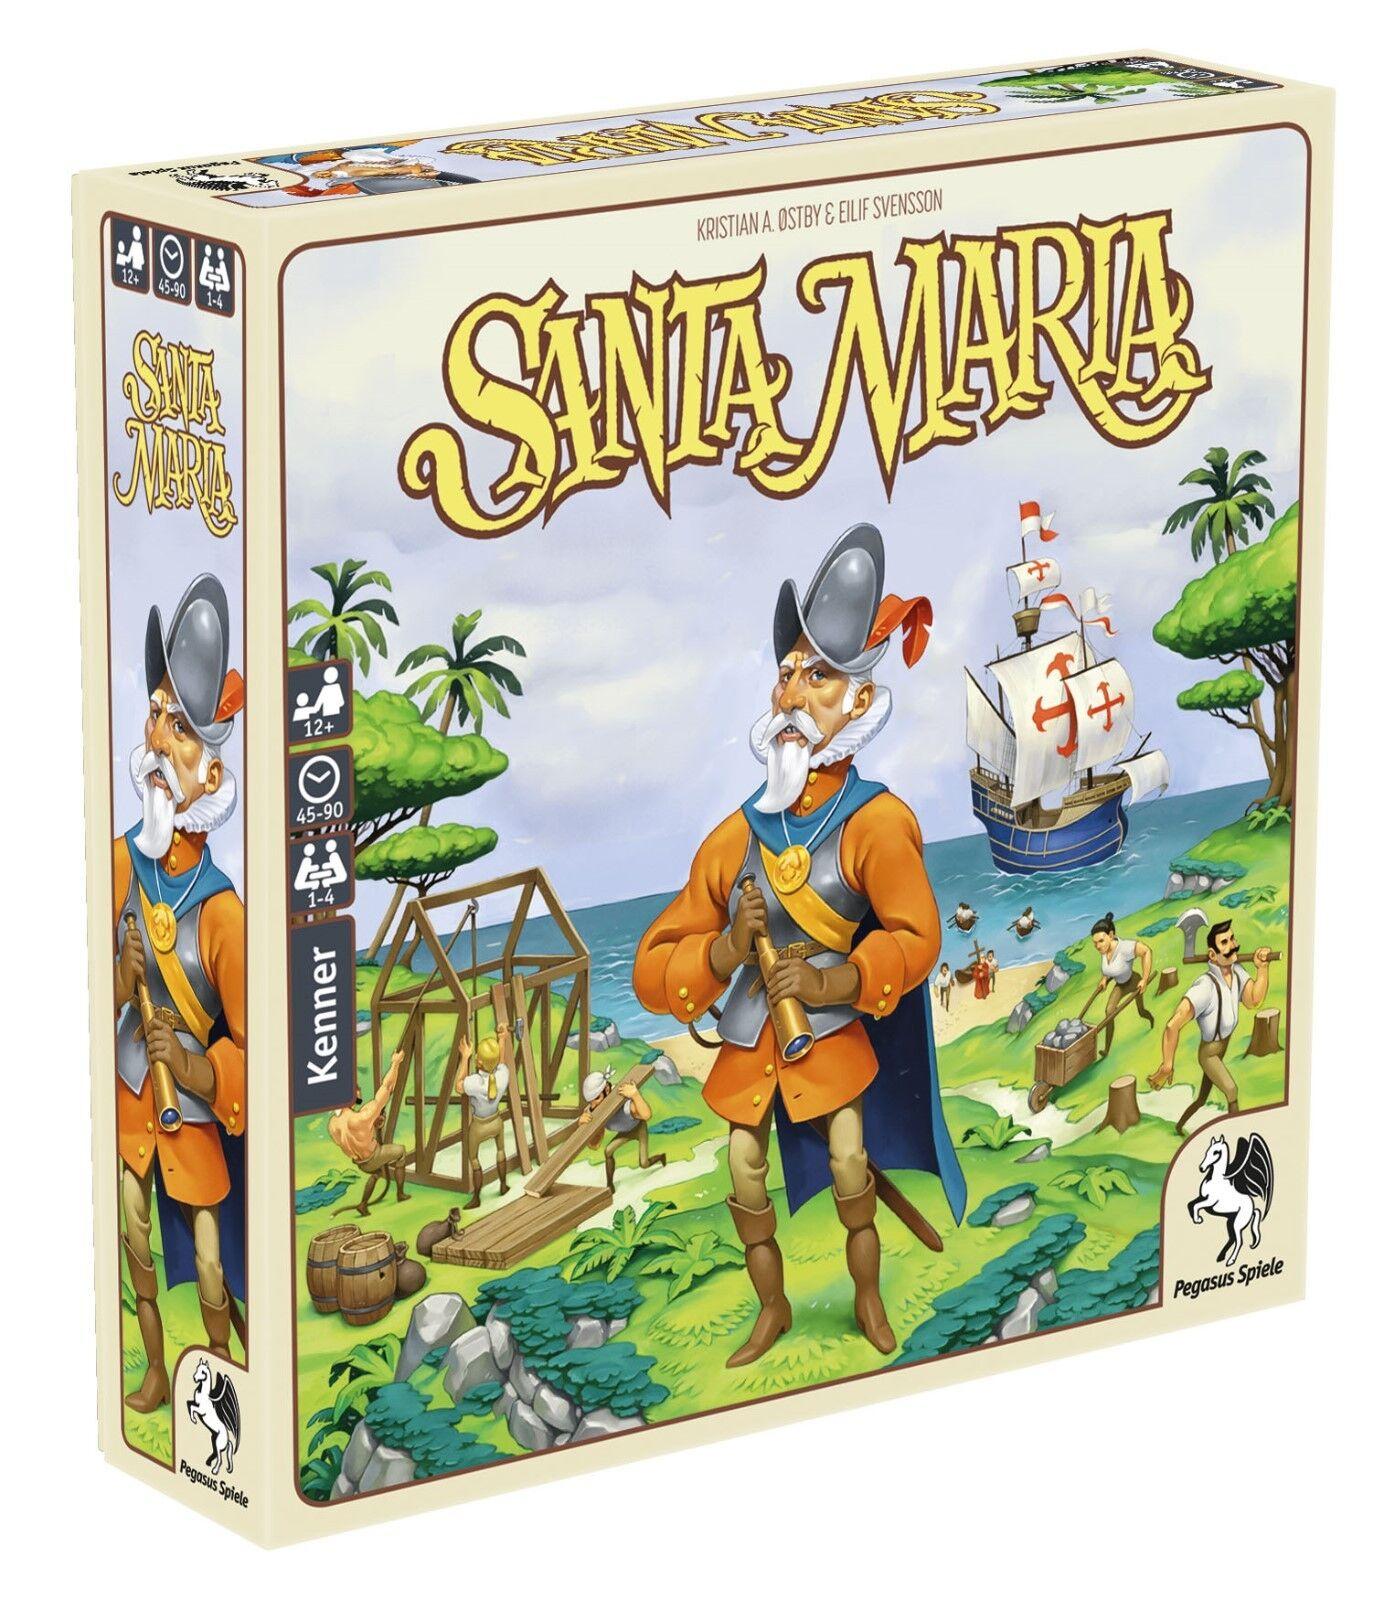 Jeu de stratégie stratégie stratégie commerciale Santa Maria 0d0193